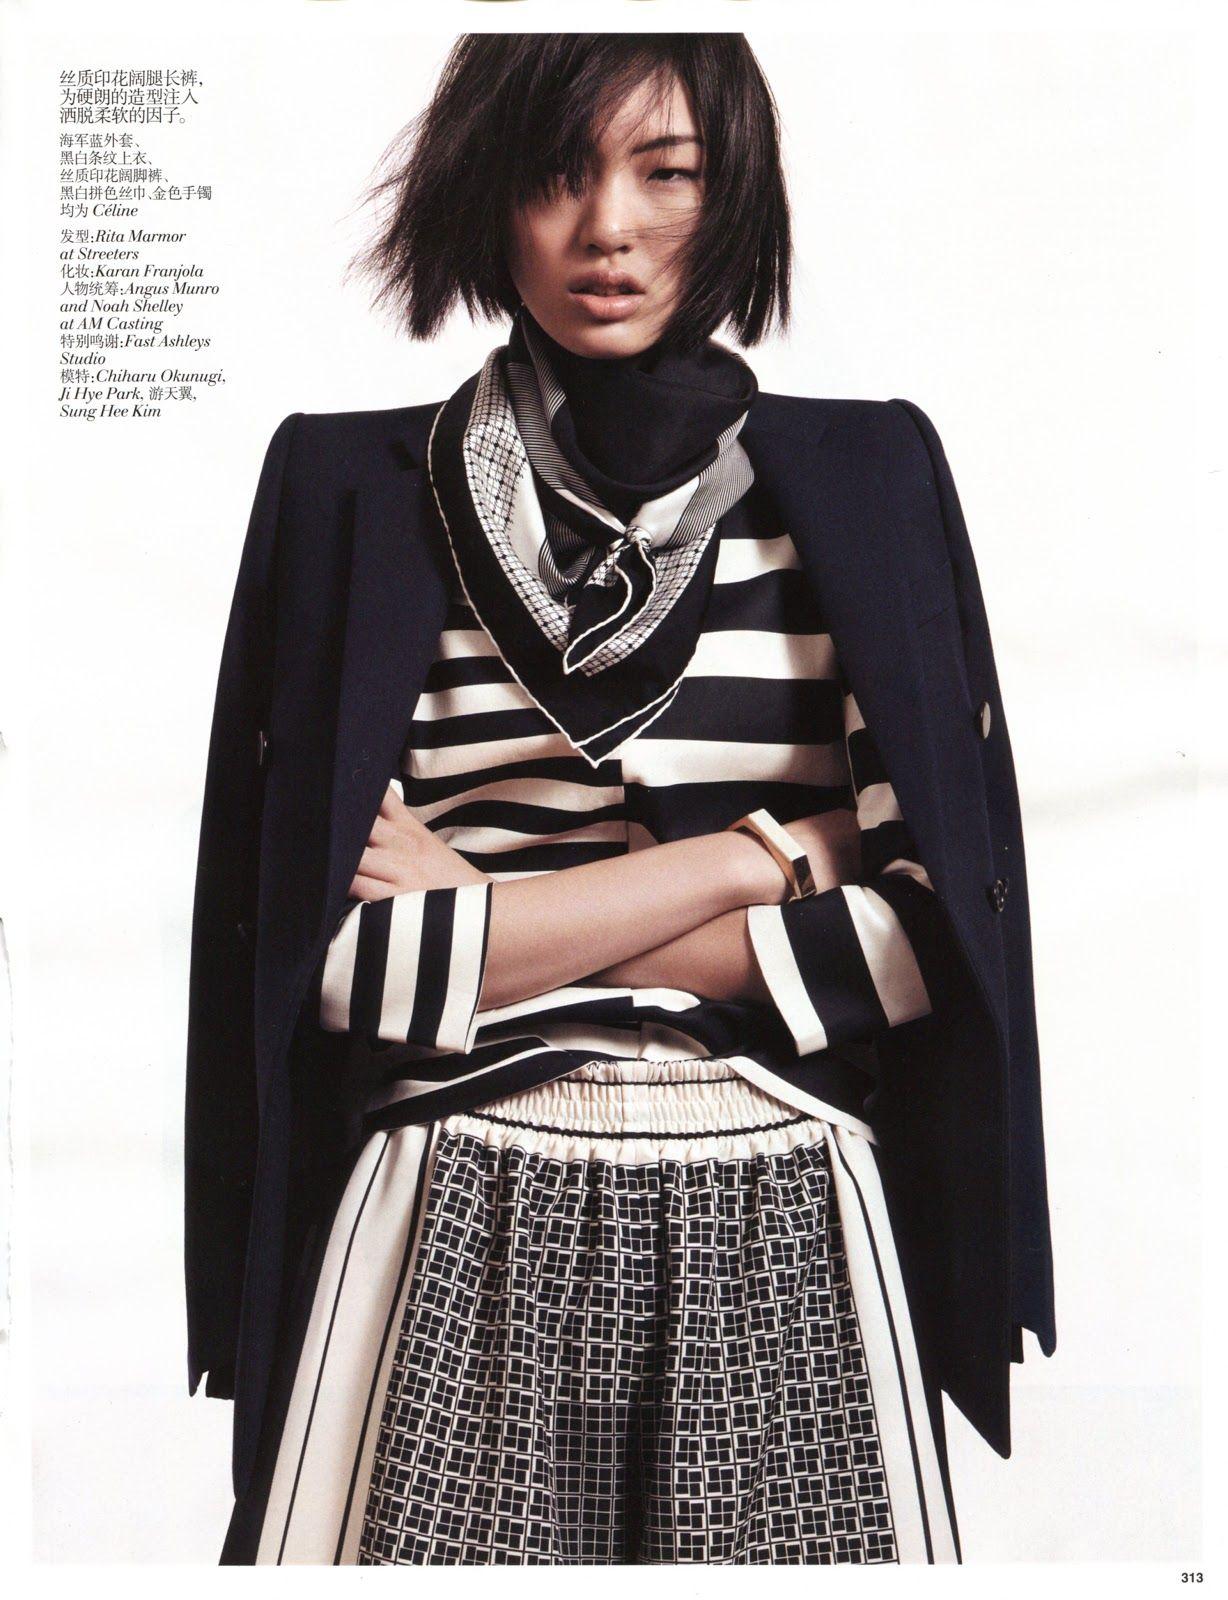 EDITORIAL: Tian Yi, Sung Hee Him, Chiharu Okunugi & Ji Hye Park in Vogue China, January 2013